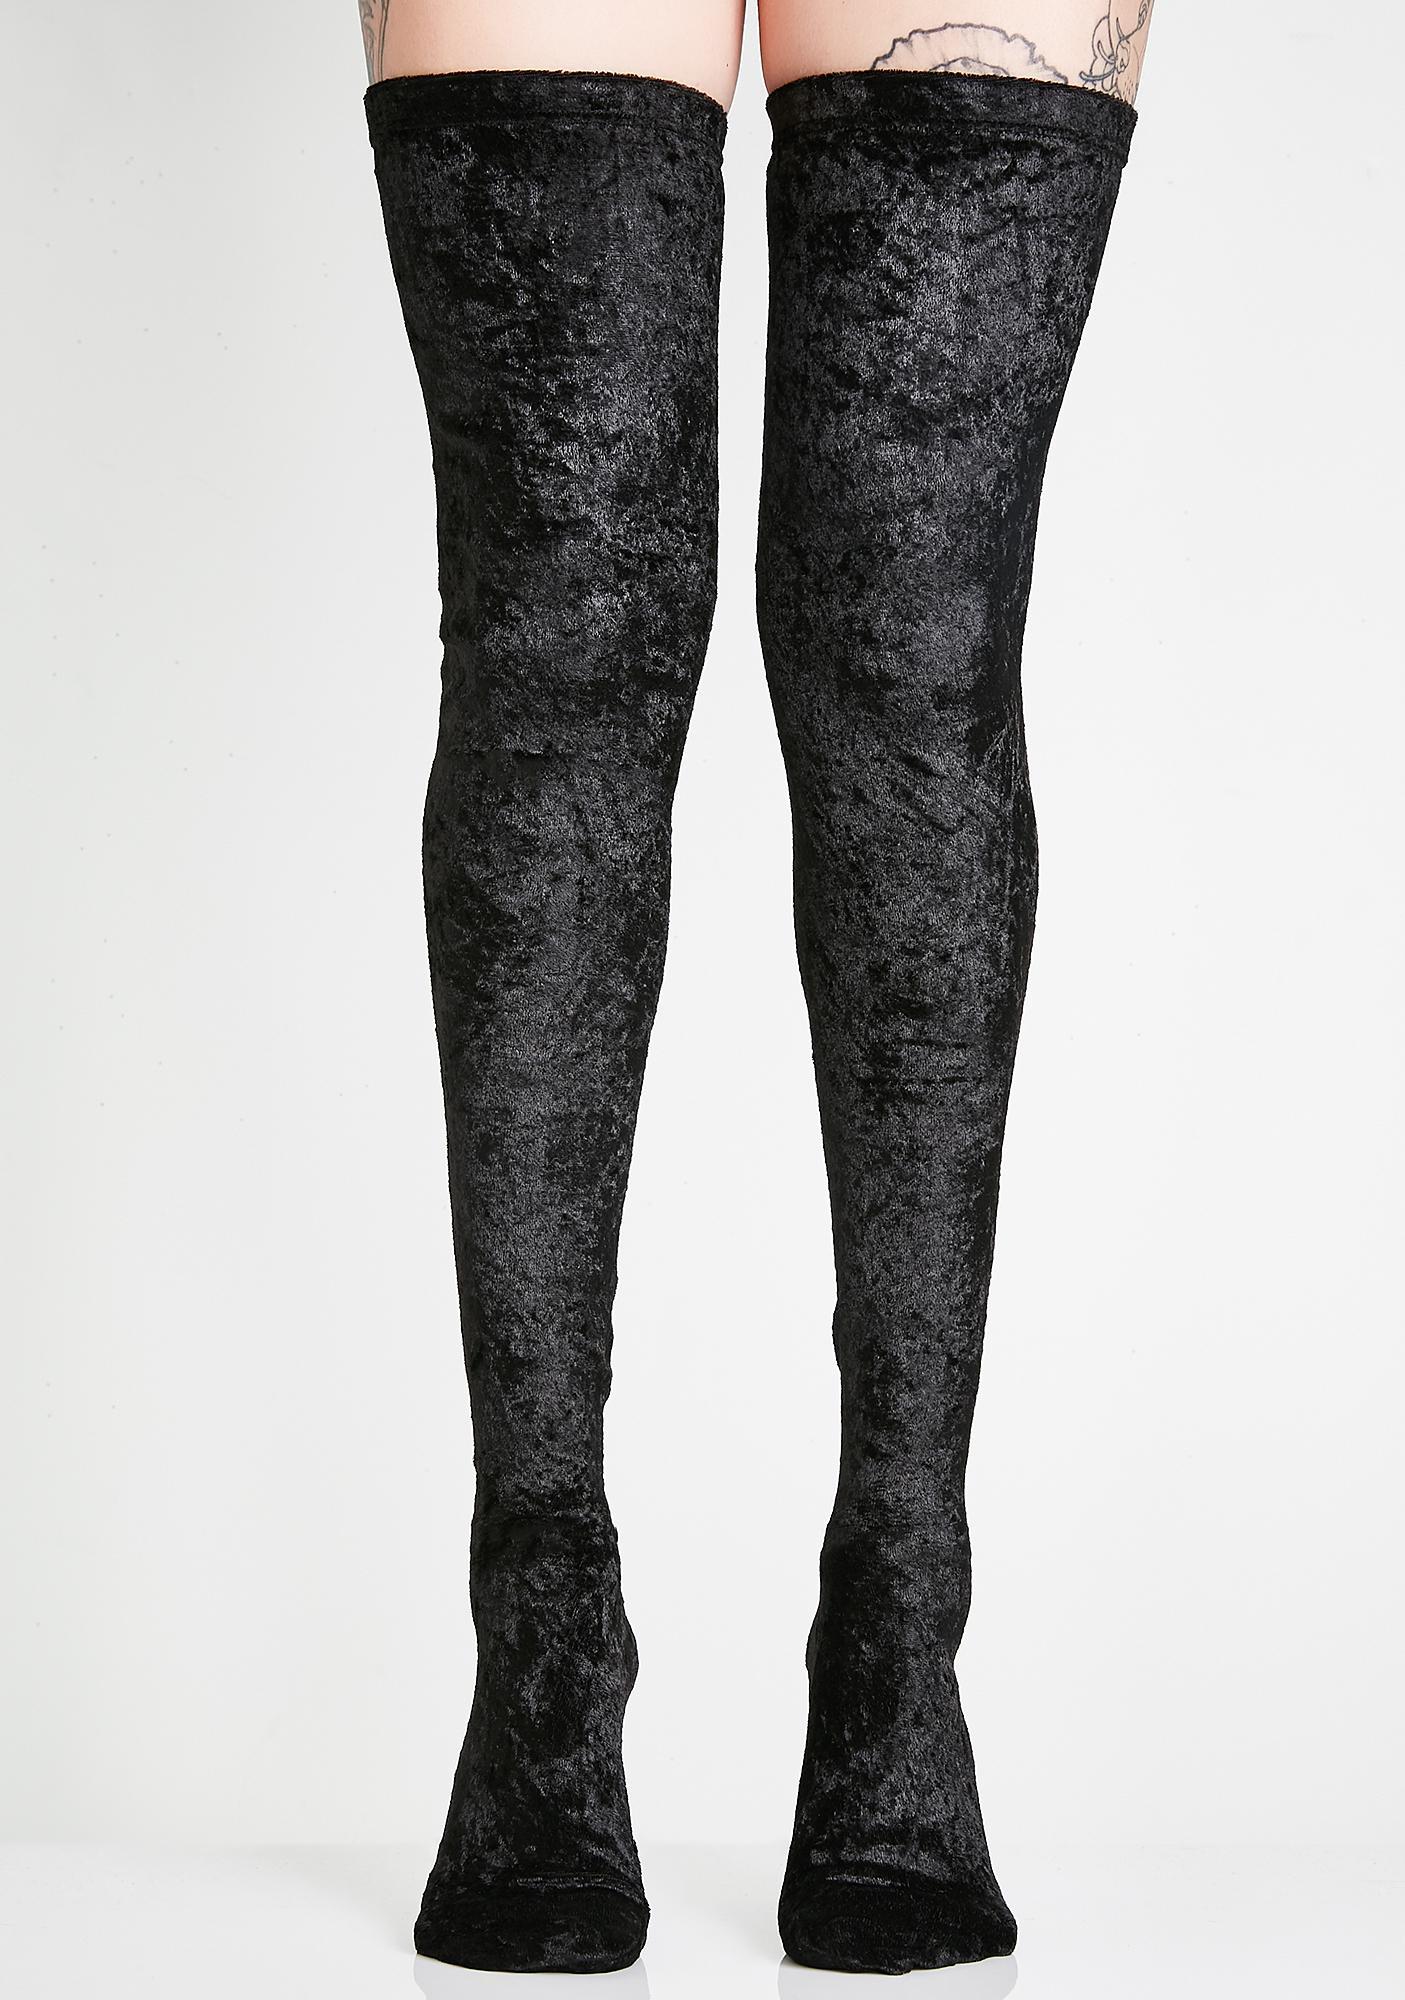 b3a7e31130d Crushed Velvet Thigh High Socks